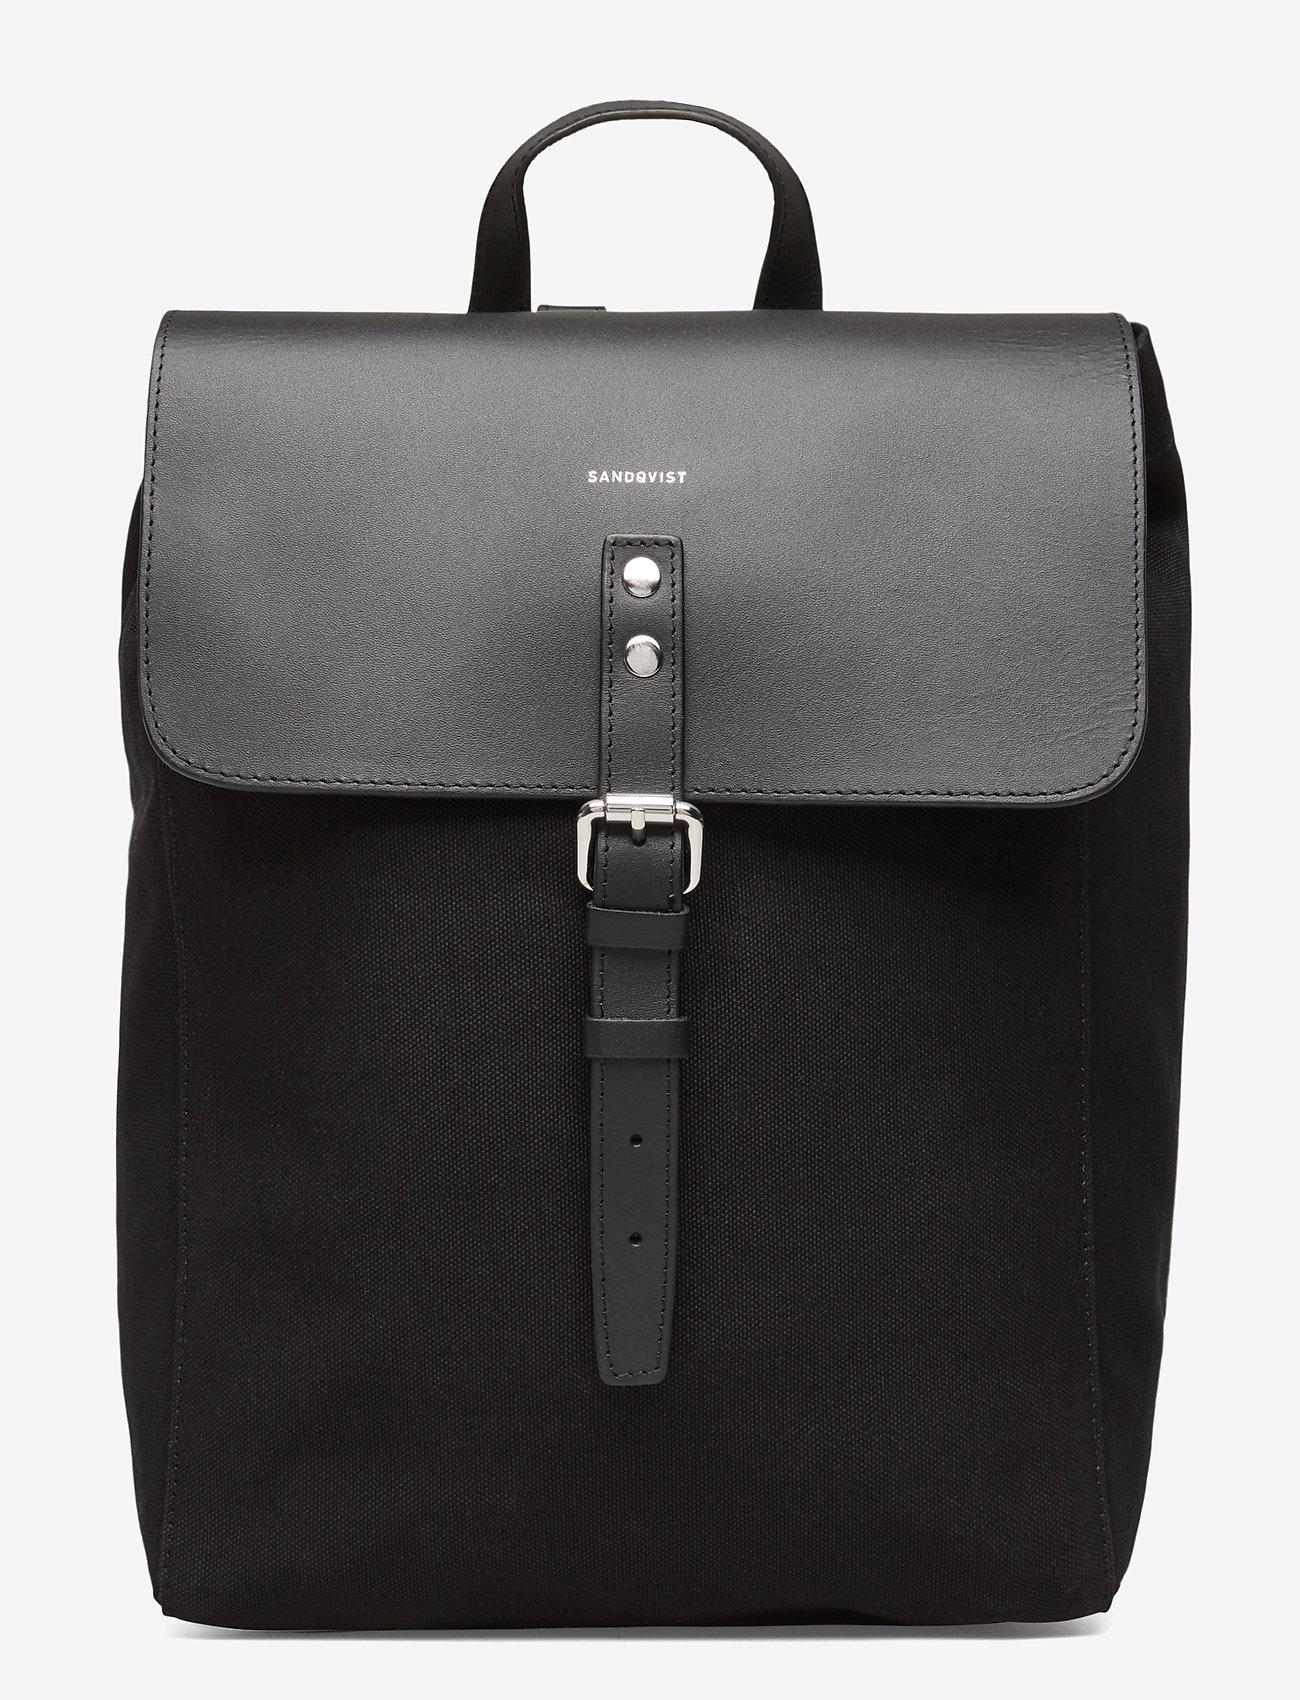 SANDQVIST - ALVA - nieuwe mode - black - 0